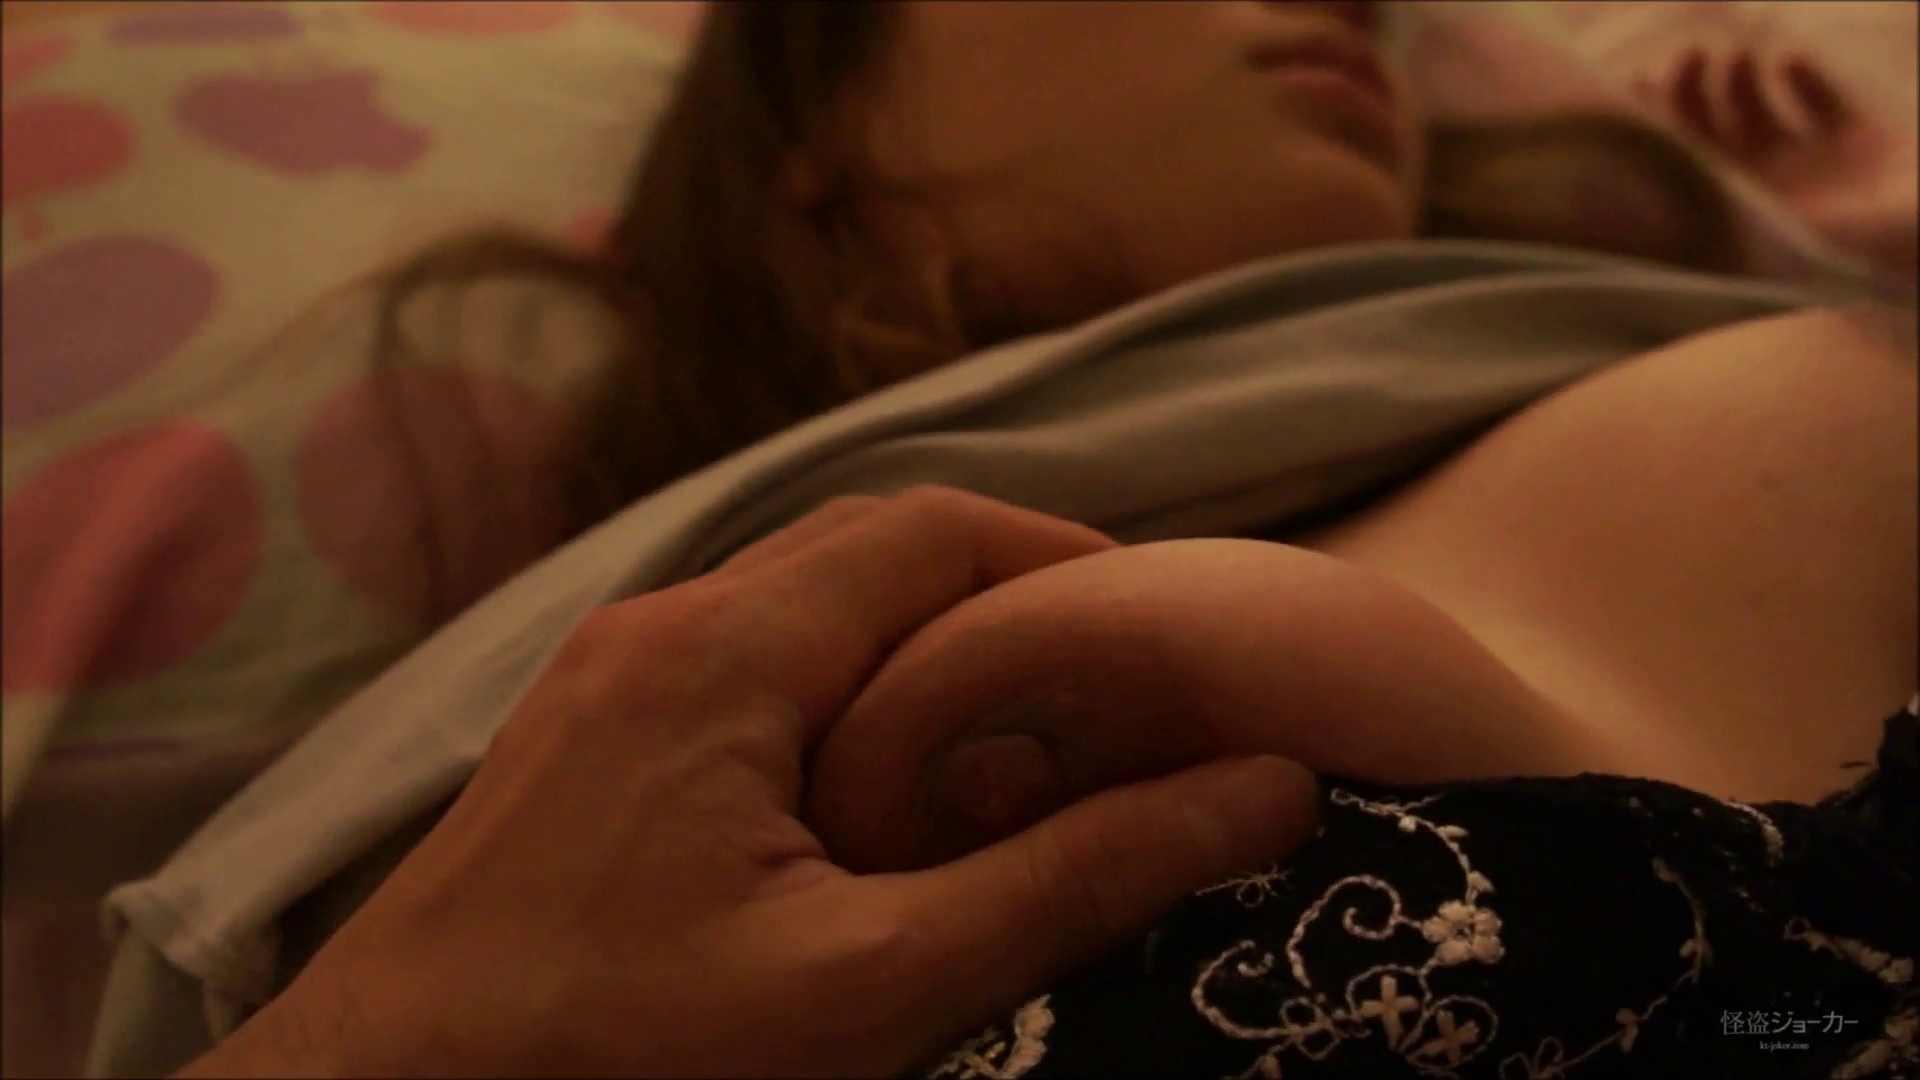 【未公開】vol.62【ユリナ】妊婦だったこの時、友人と共に母子をヤる。 妊婦萌え おめこ無修正動画無料 107枚 83